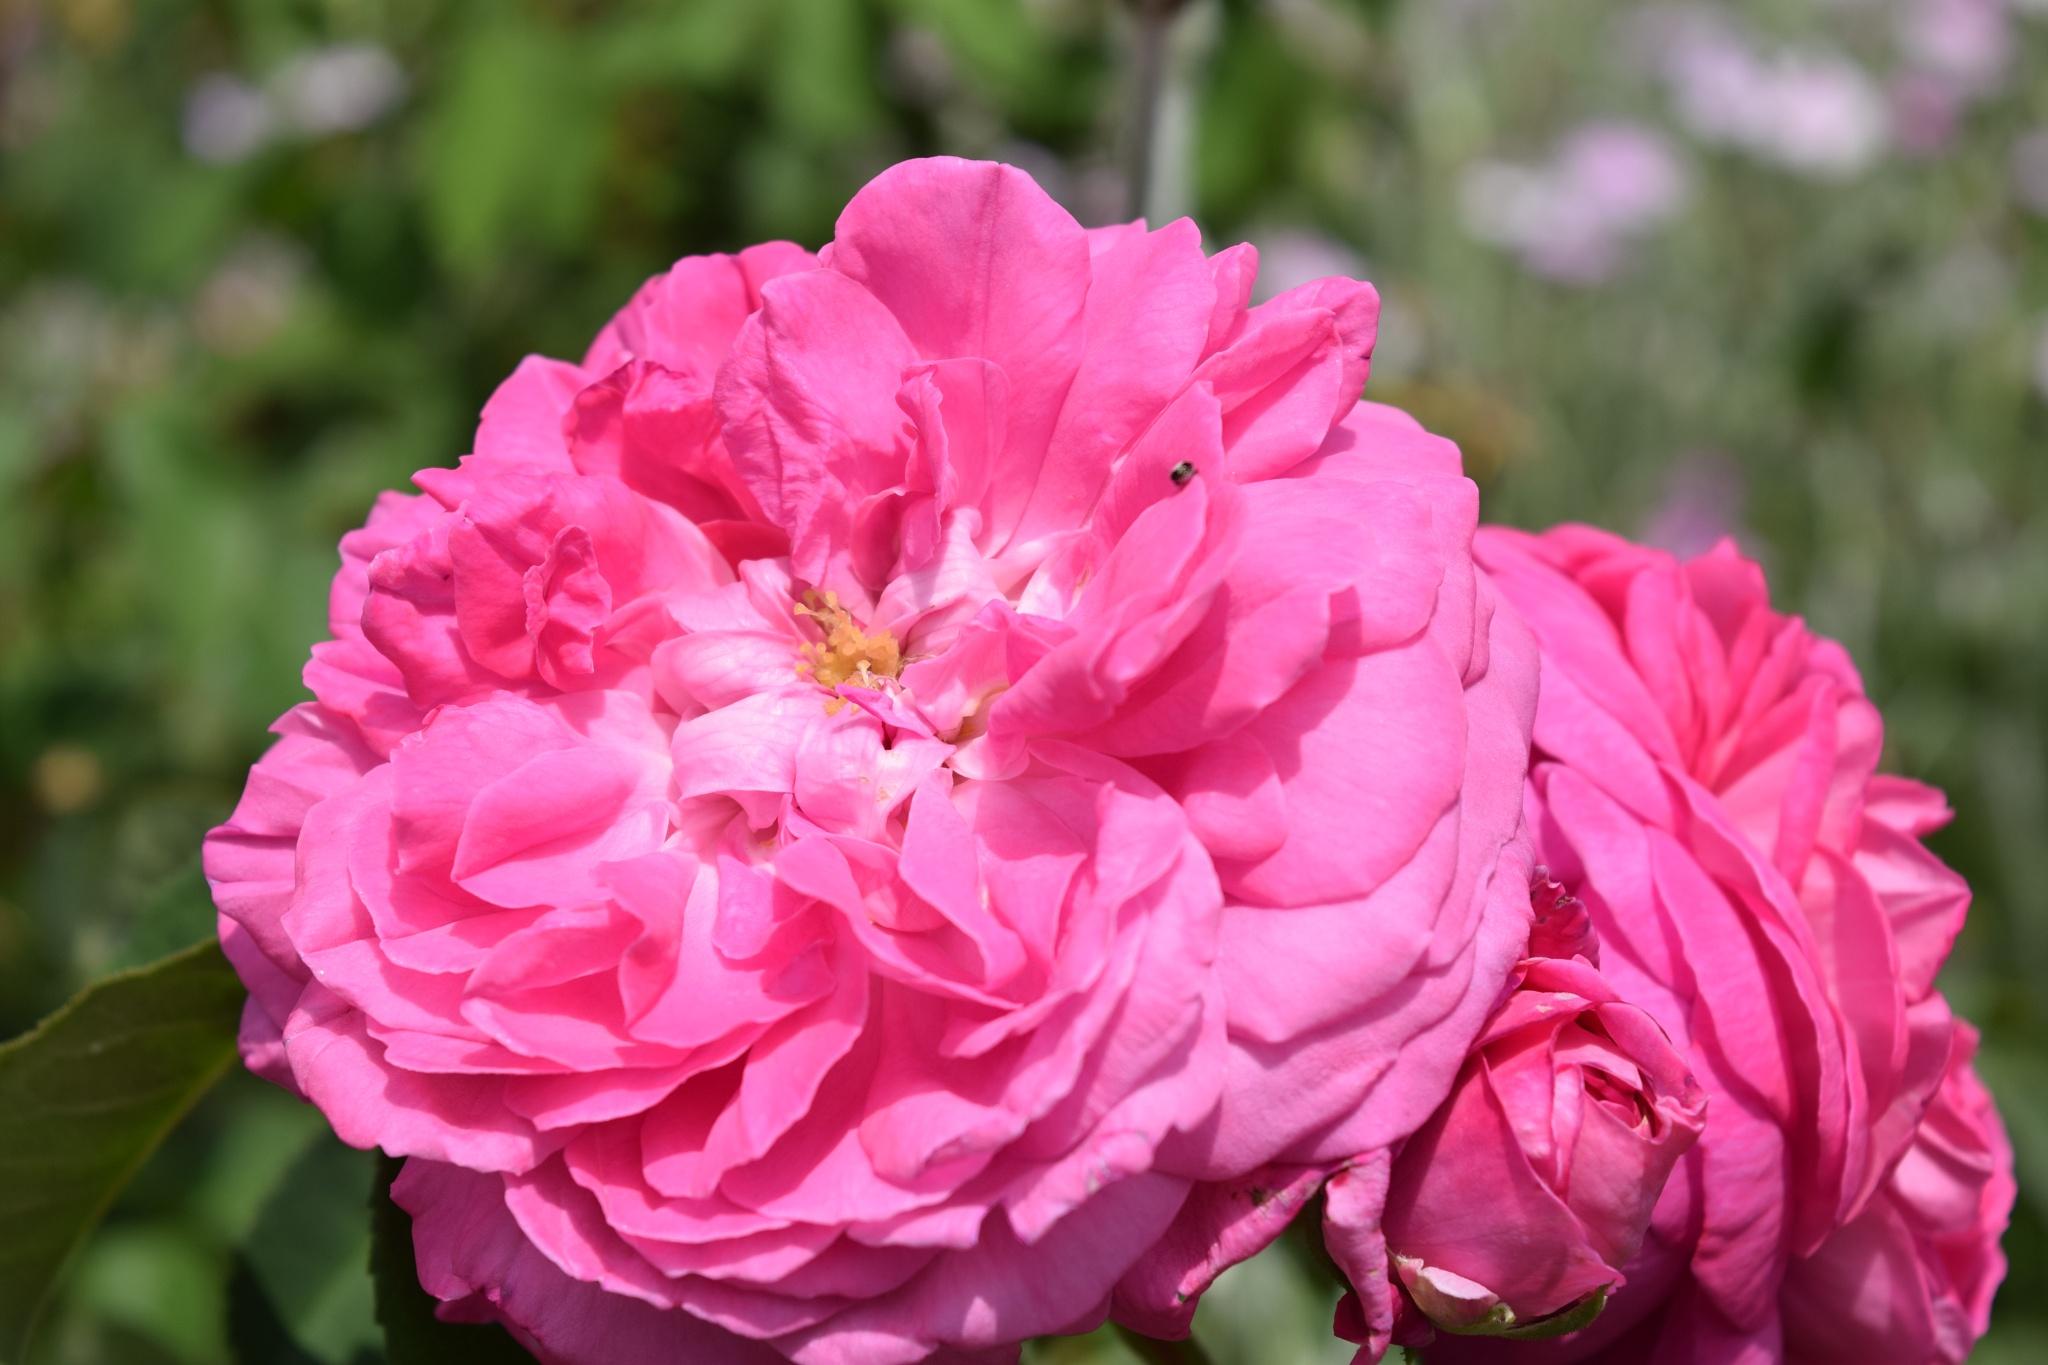 Amazing Rose Garden by Sait M. Ilhaner